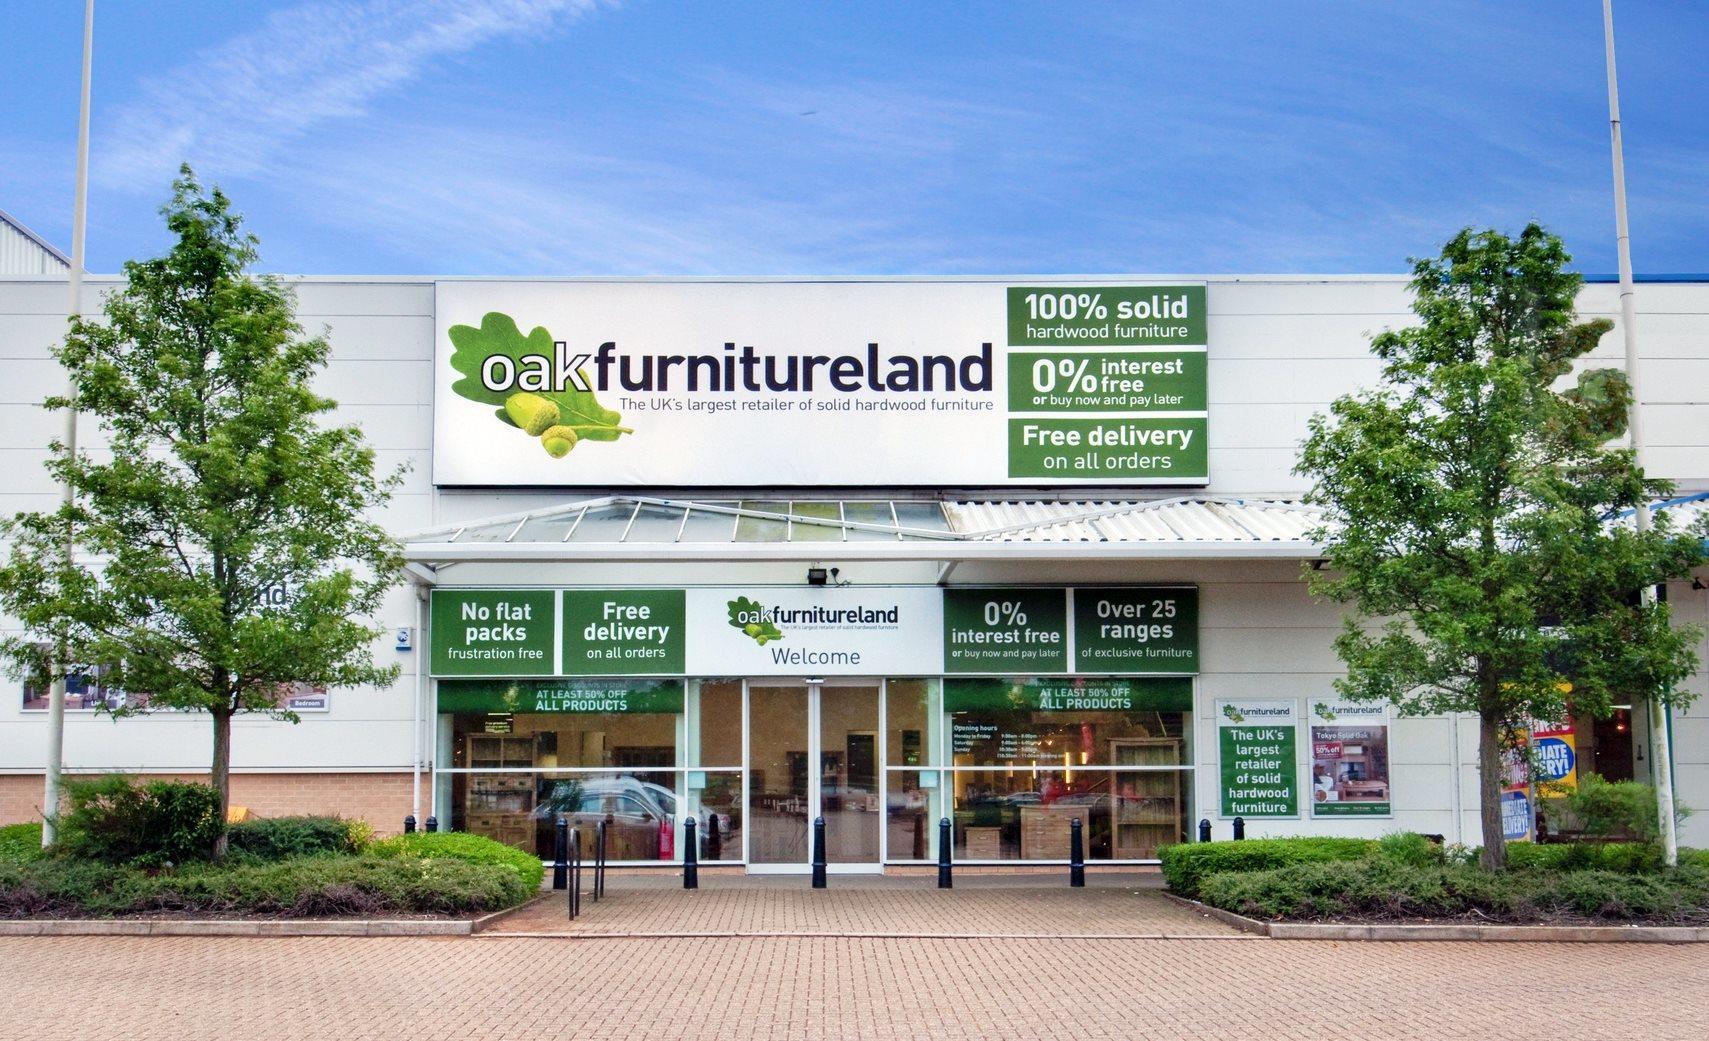 Oak Furniture Land To Open Shops In Fledgling US Market | News | Retail Week